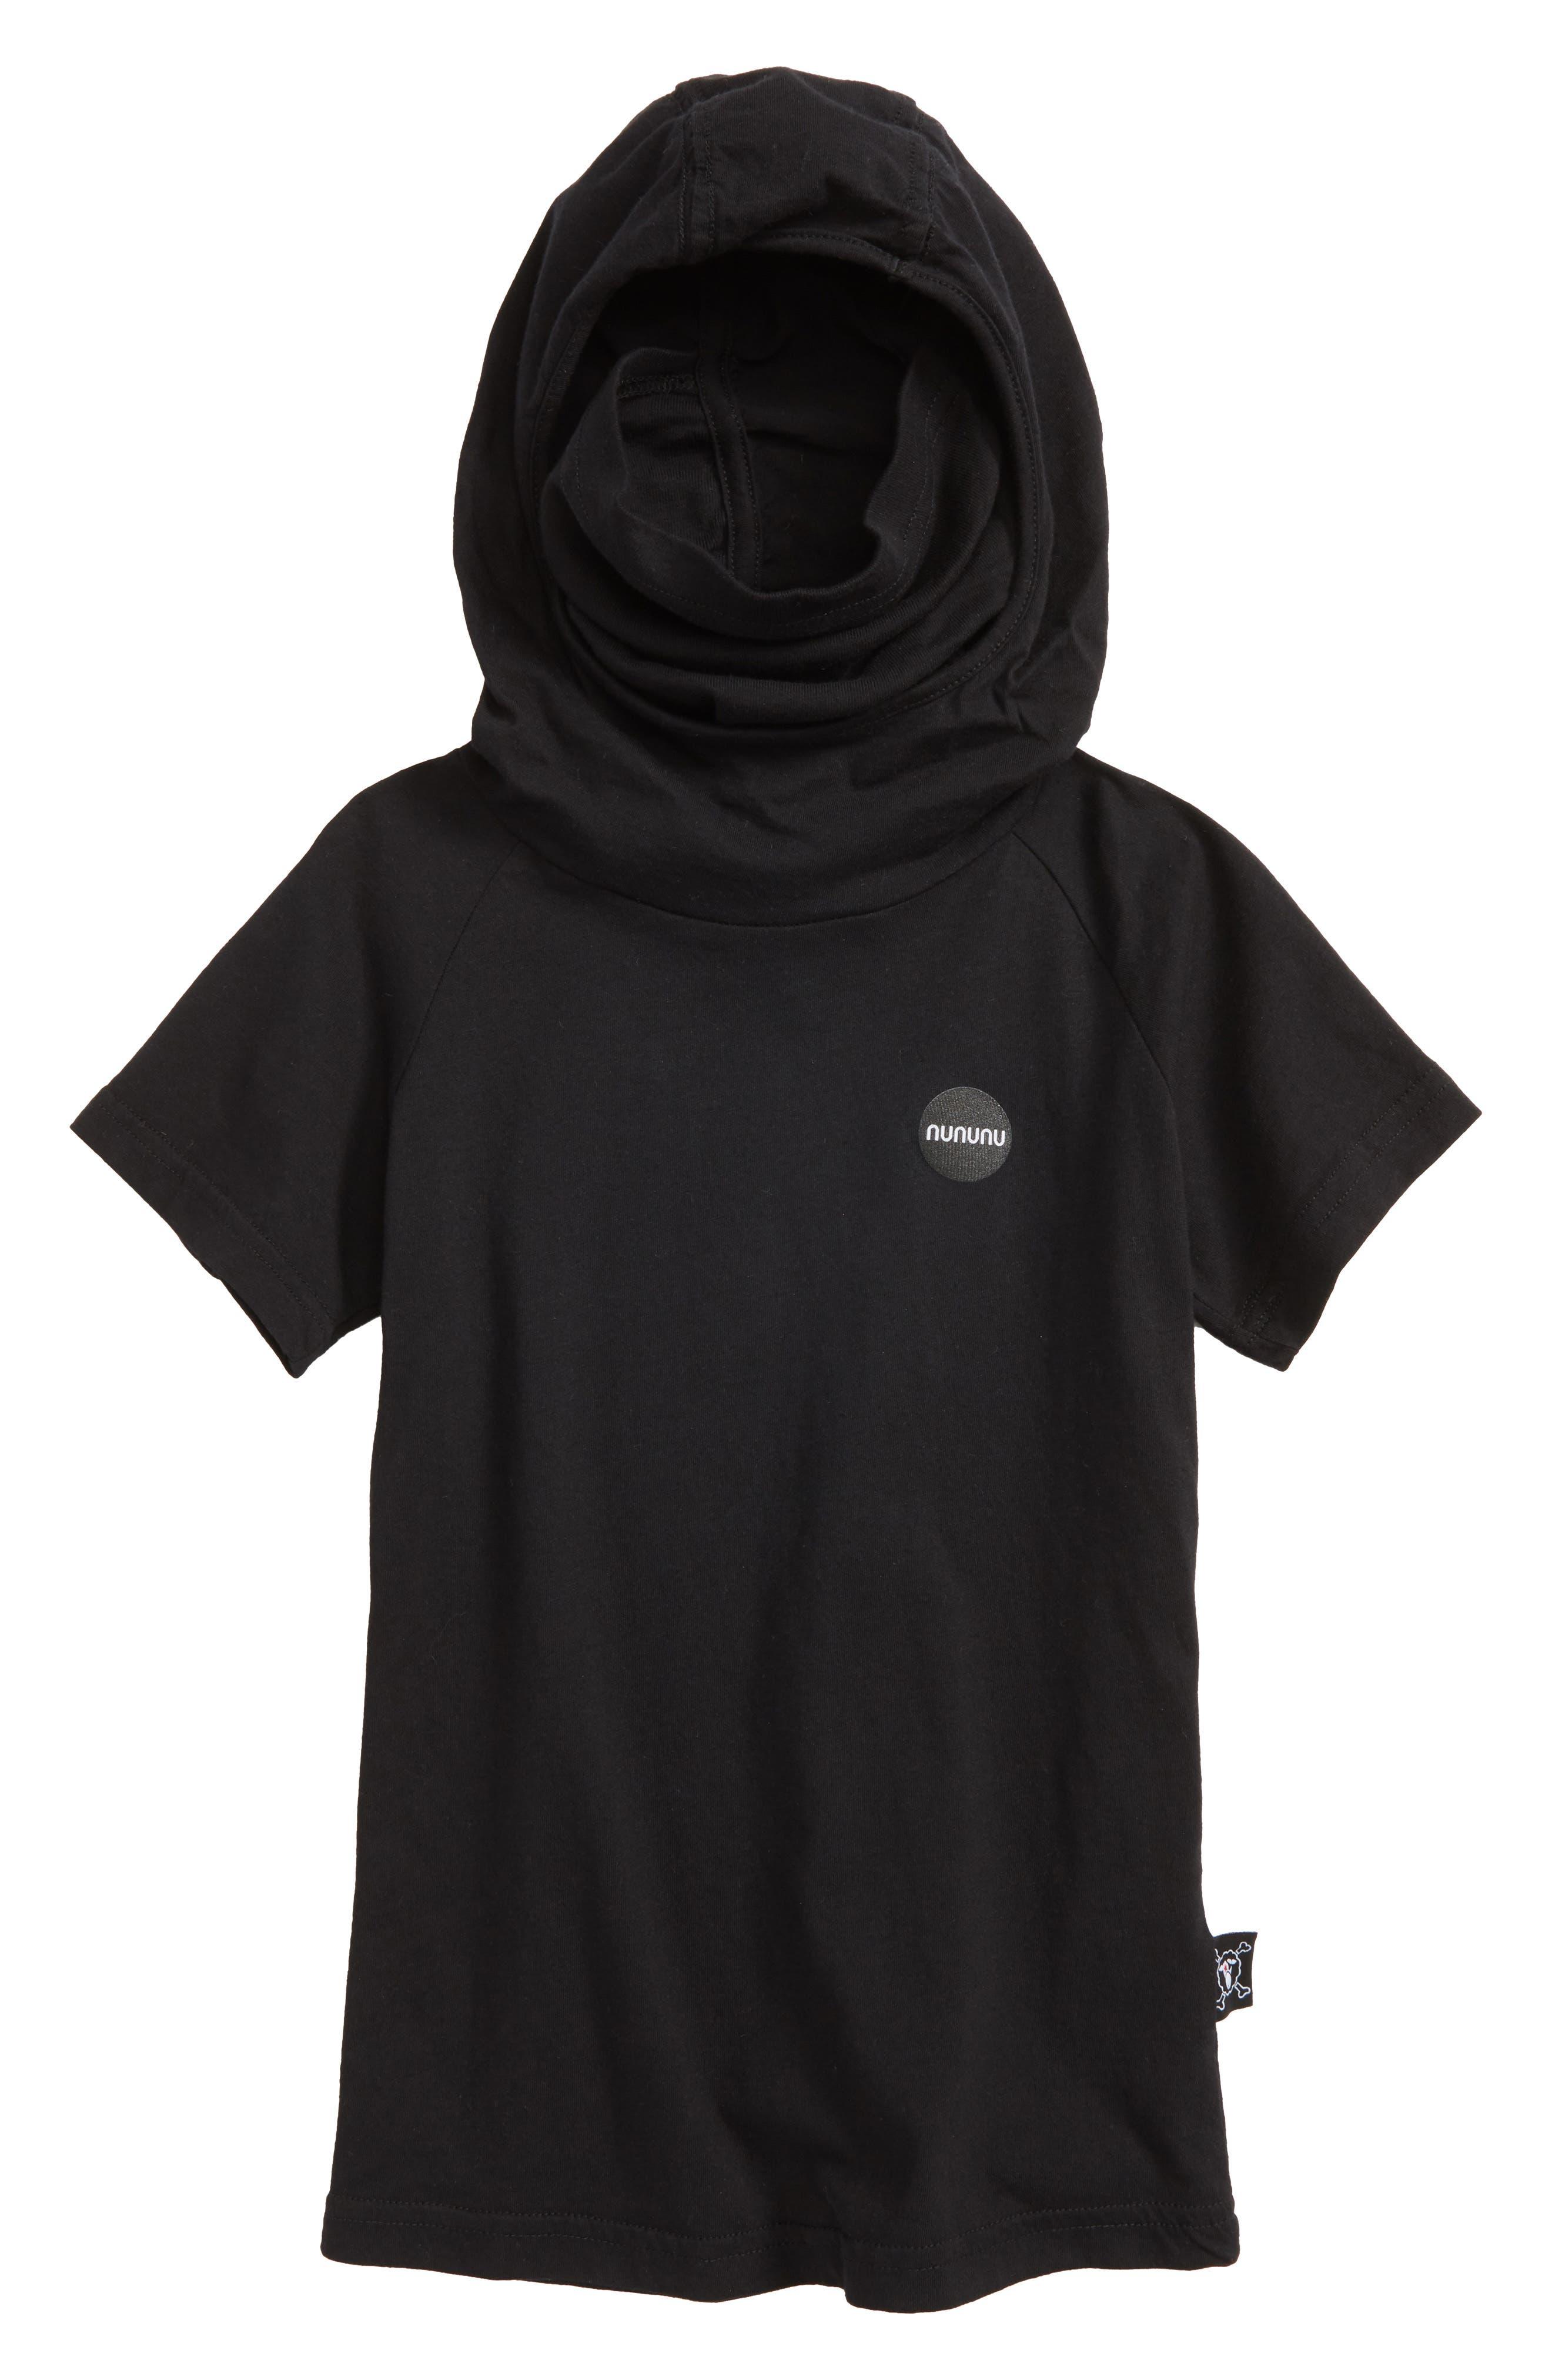 Ninja Hooded T-Shirt,                             Main thumbnail 1, color,